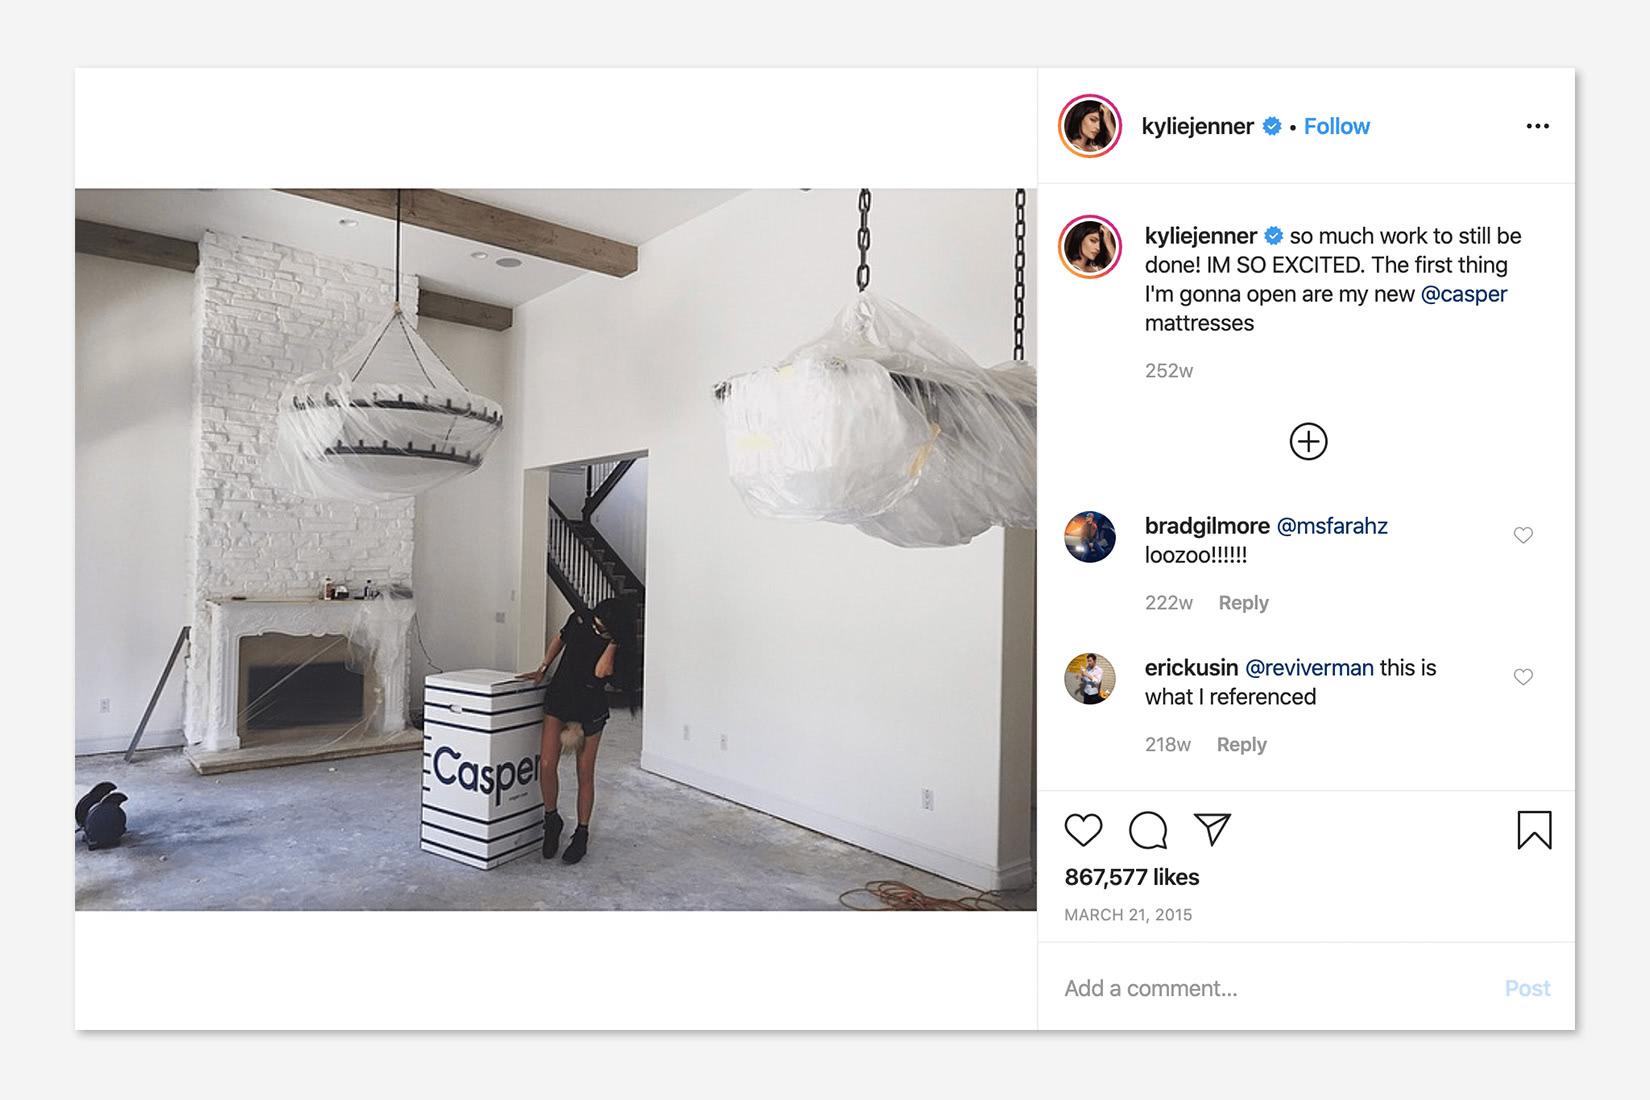 Kylie Jenner Casper Instagram post DTC luxury - Luxe Digital